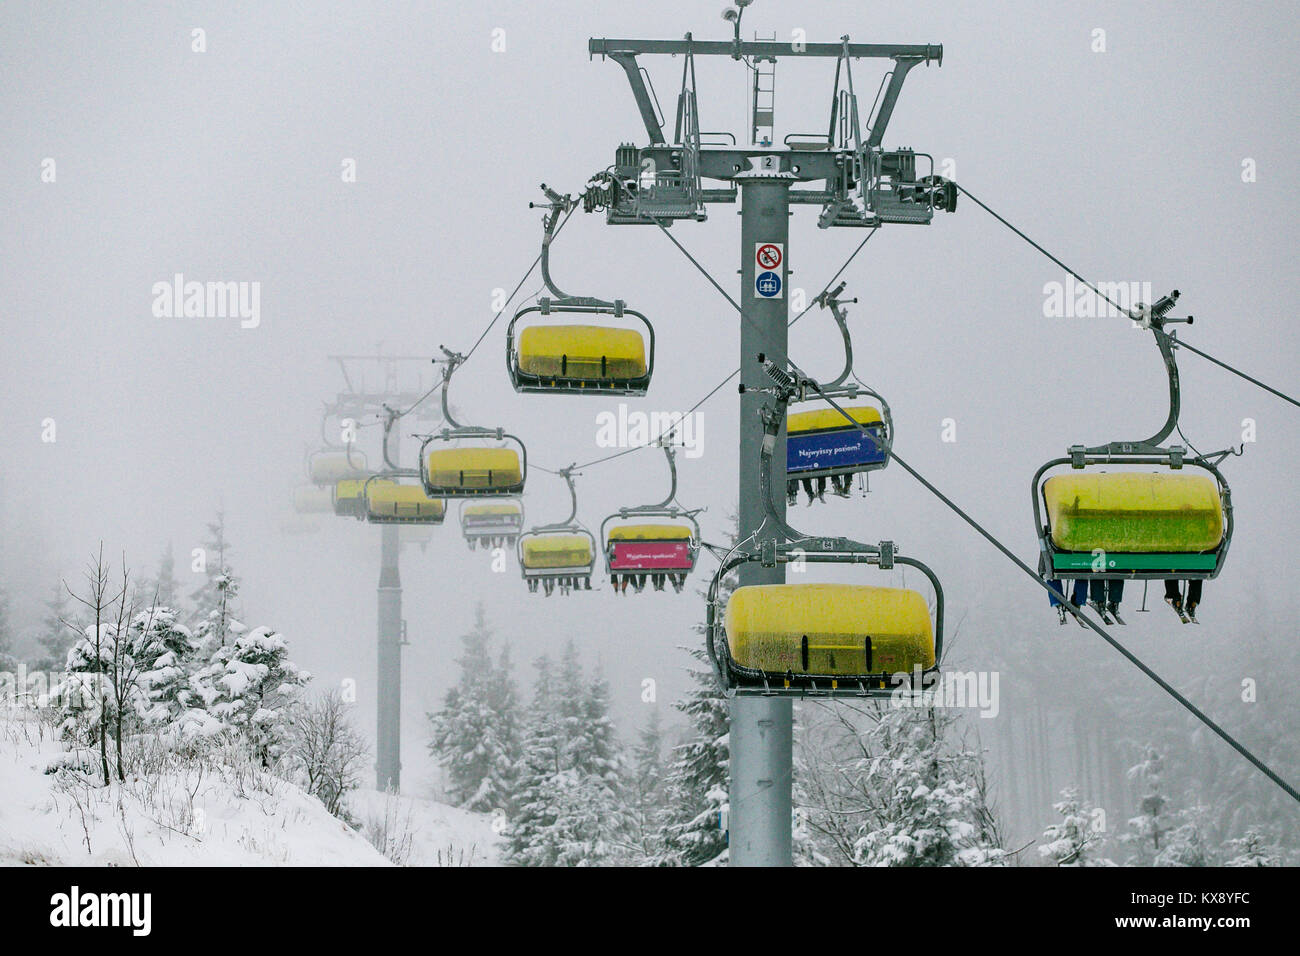 Ski Sessellift bringt Skifahrer und Snowboarder auf den Berg Skrzyczne nach starker Schneefall auf einem nebligen Wintertag in Szczyrk ski resort in Polen Stockfoto